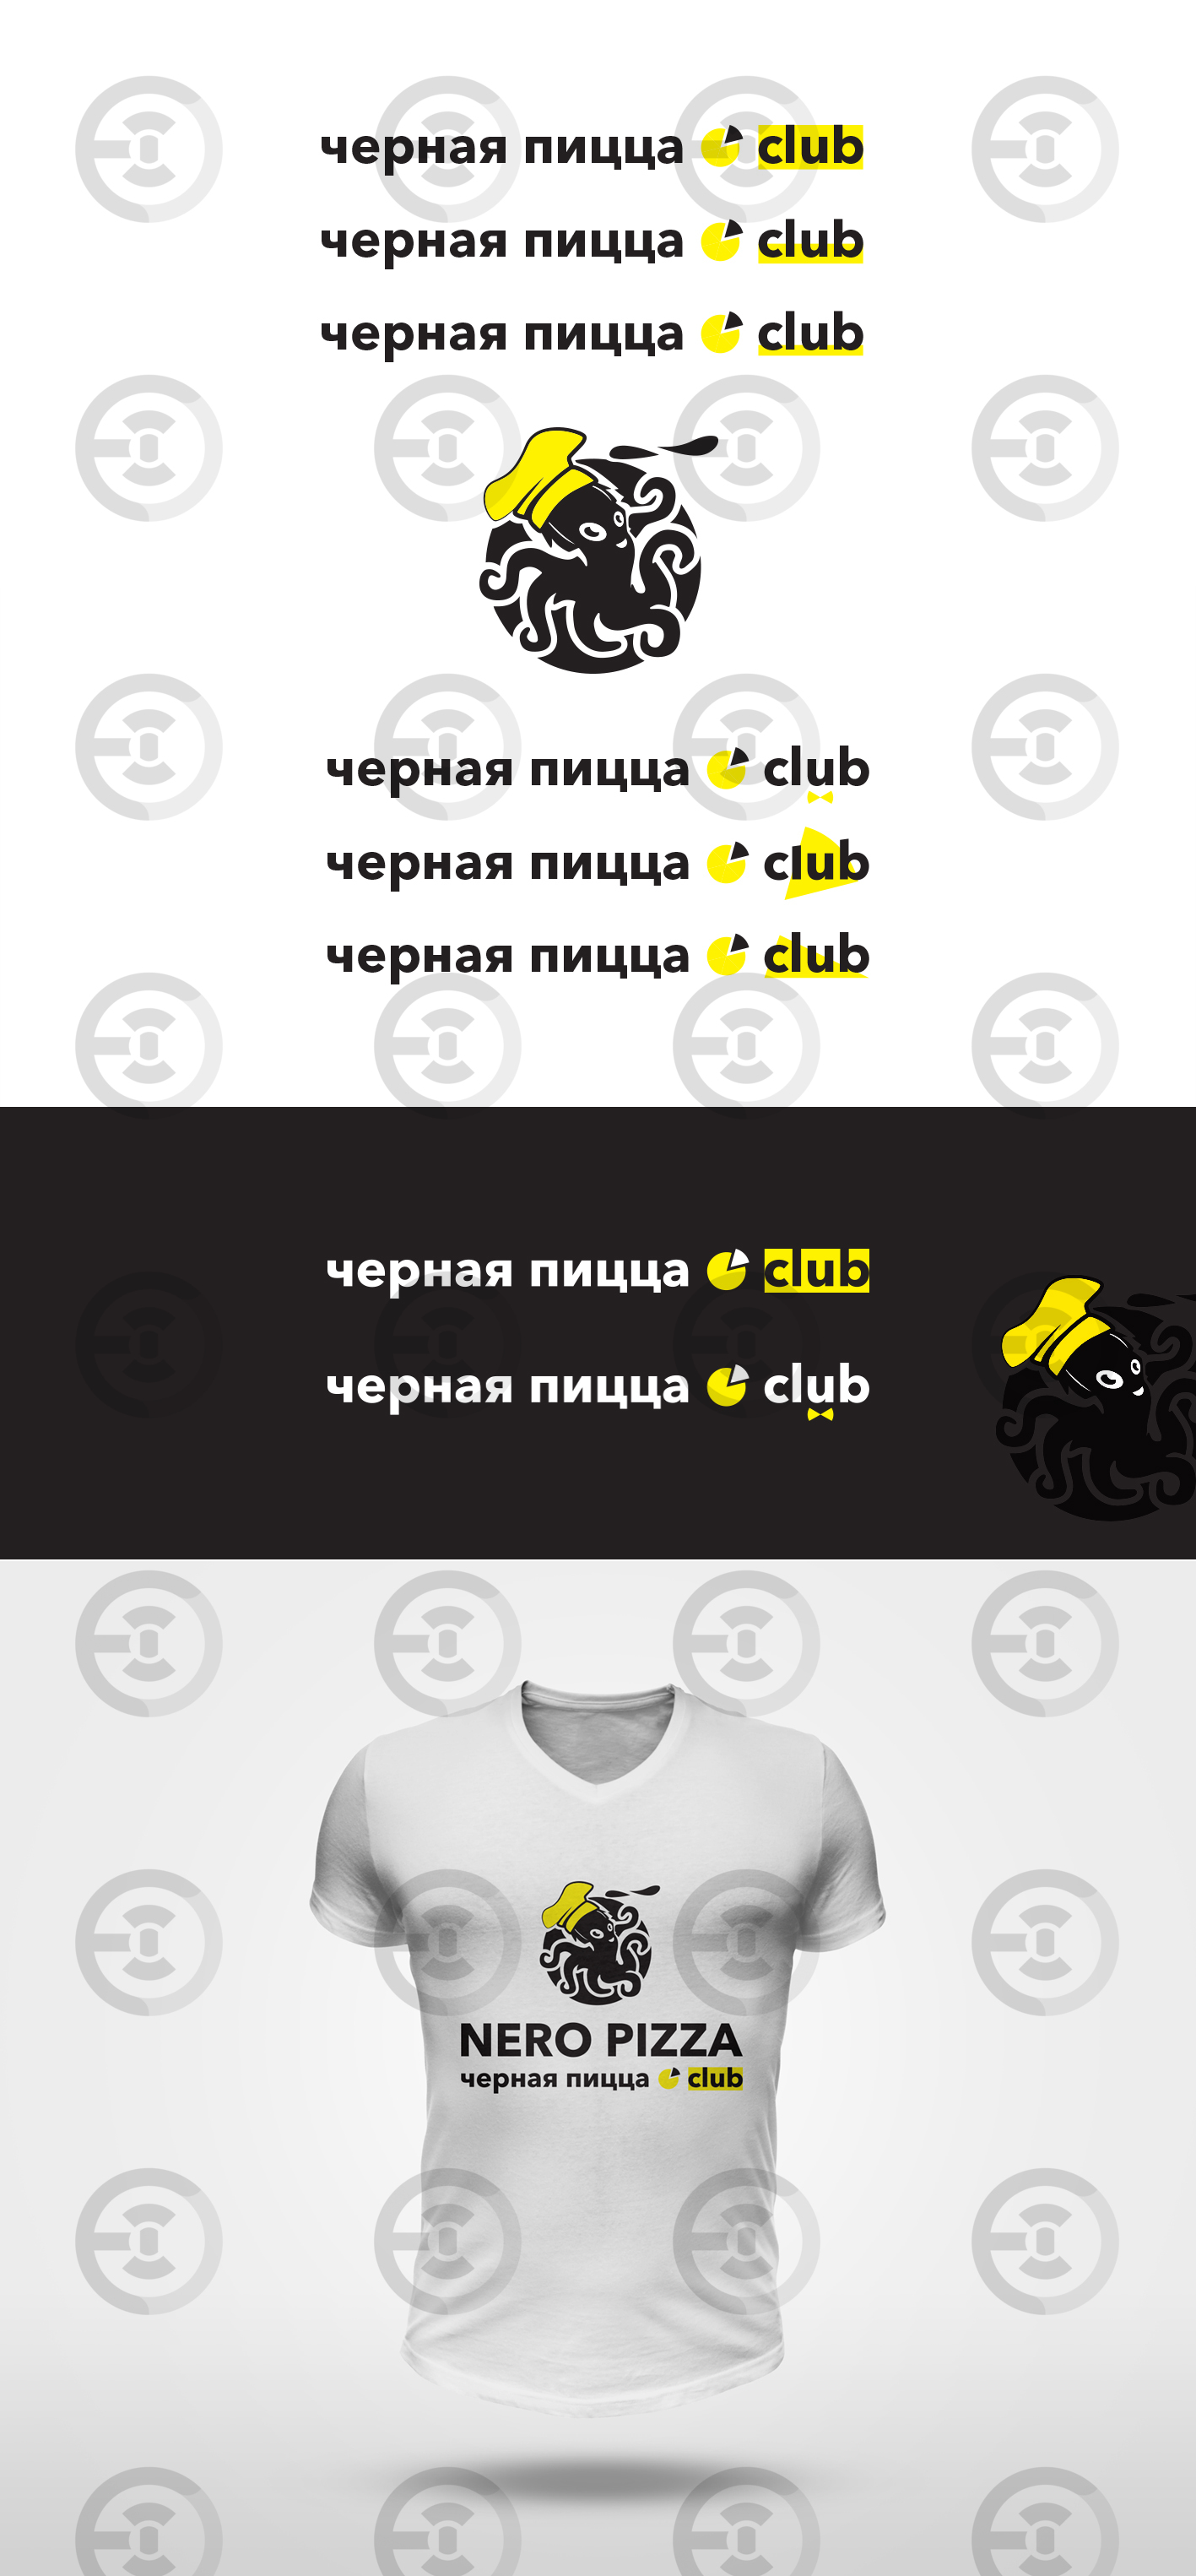 конкурс лого_neropizza 2.jpg